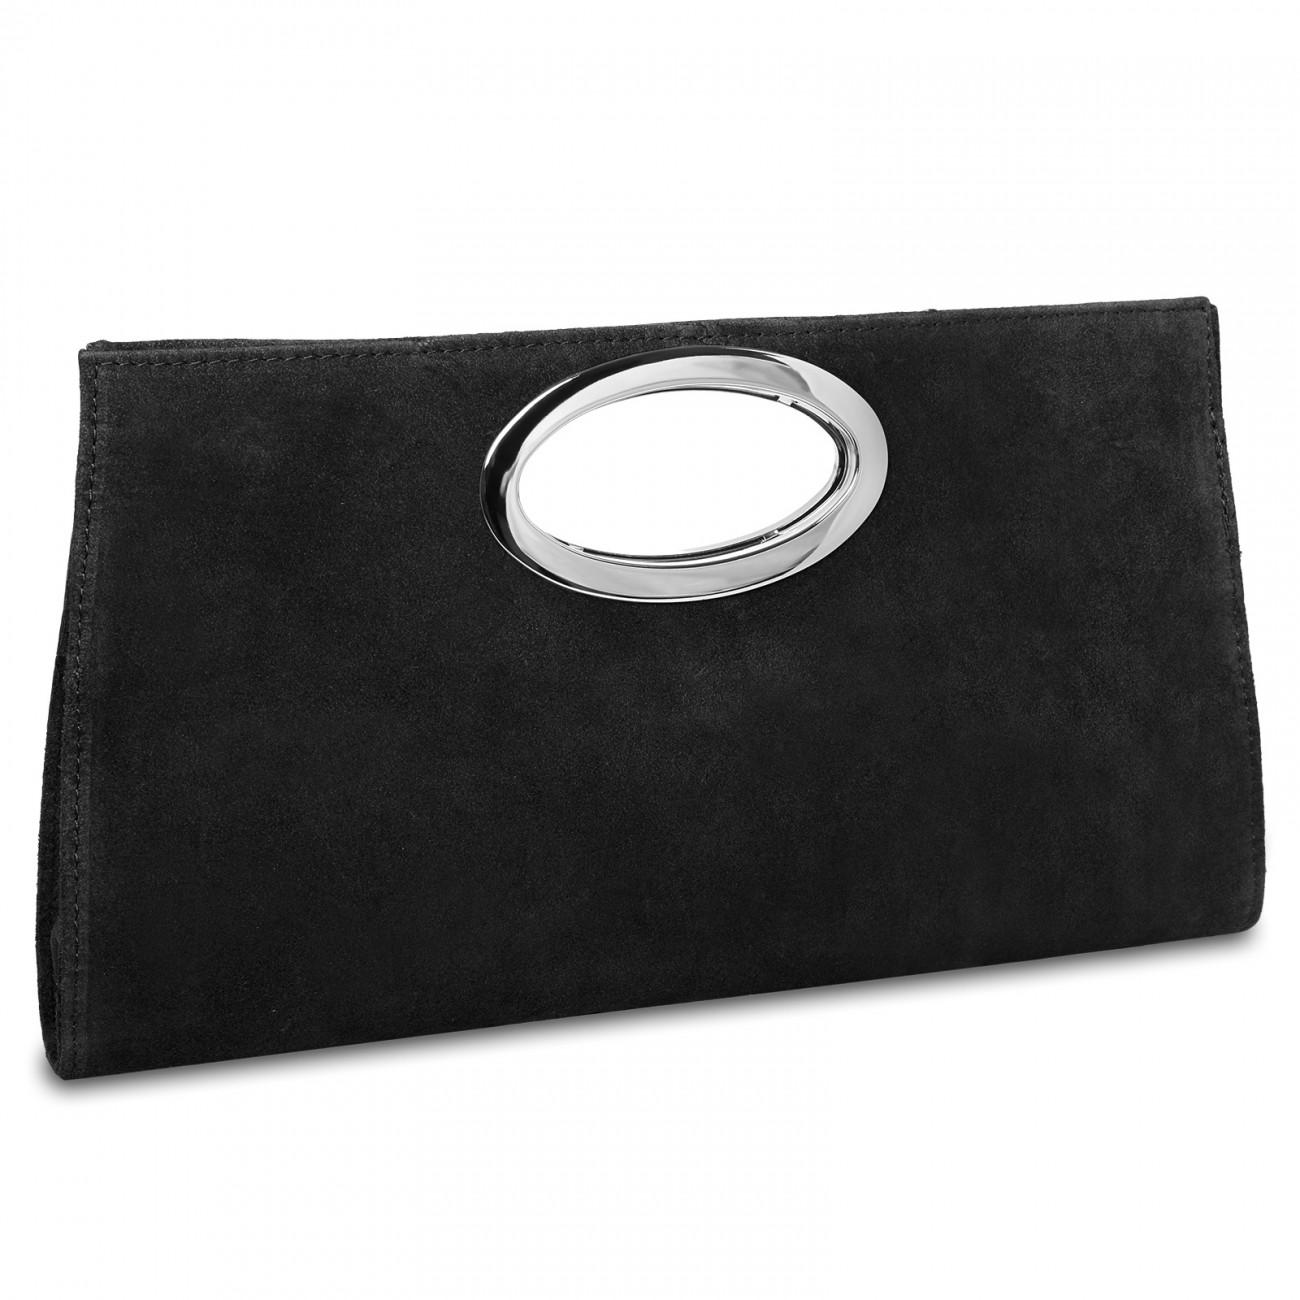 CASPAR TL699 große Damen XXL Wildleder Clutch Tasche Handtasche Abendtasche Ledertasche, Farbe:hell grau CASPAR Fashion